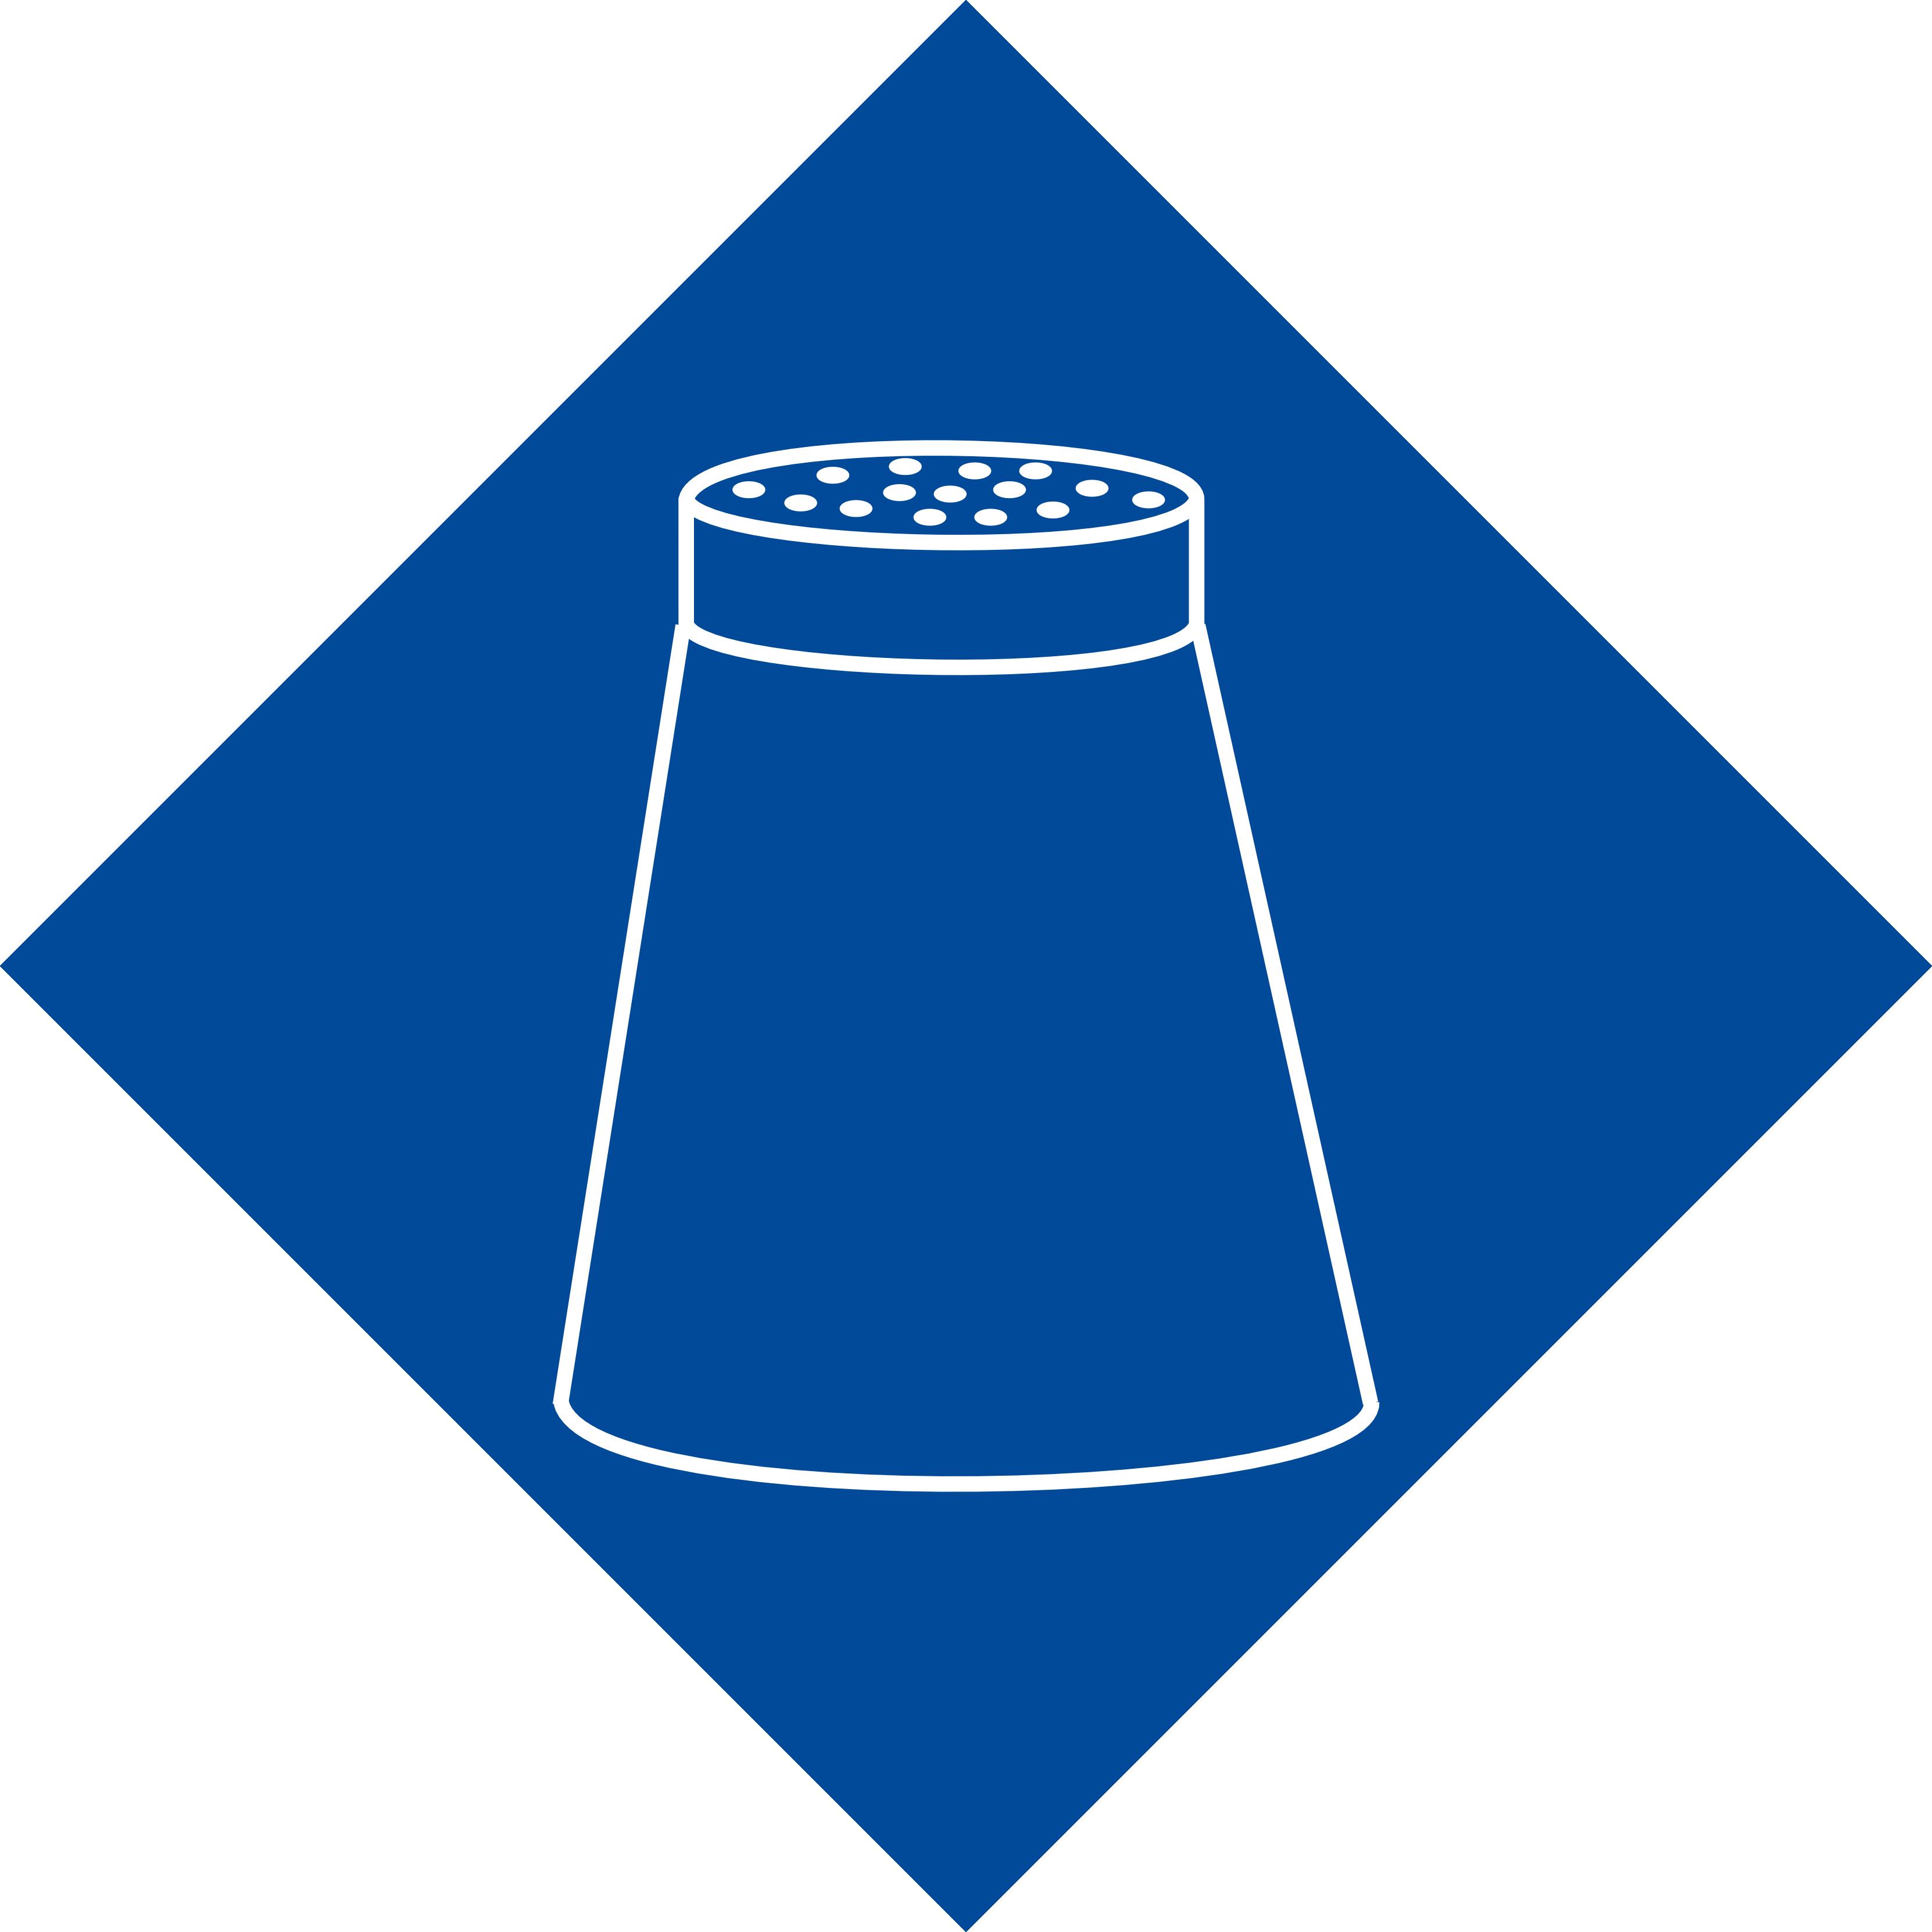 Gewürzpflanzen-Symbol